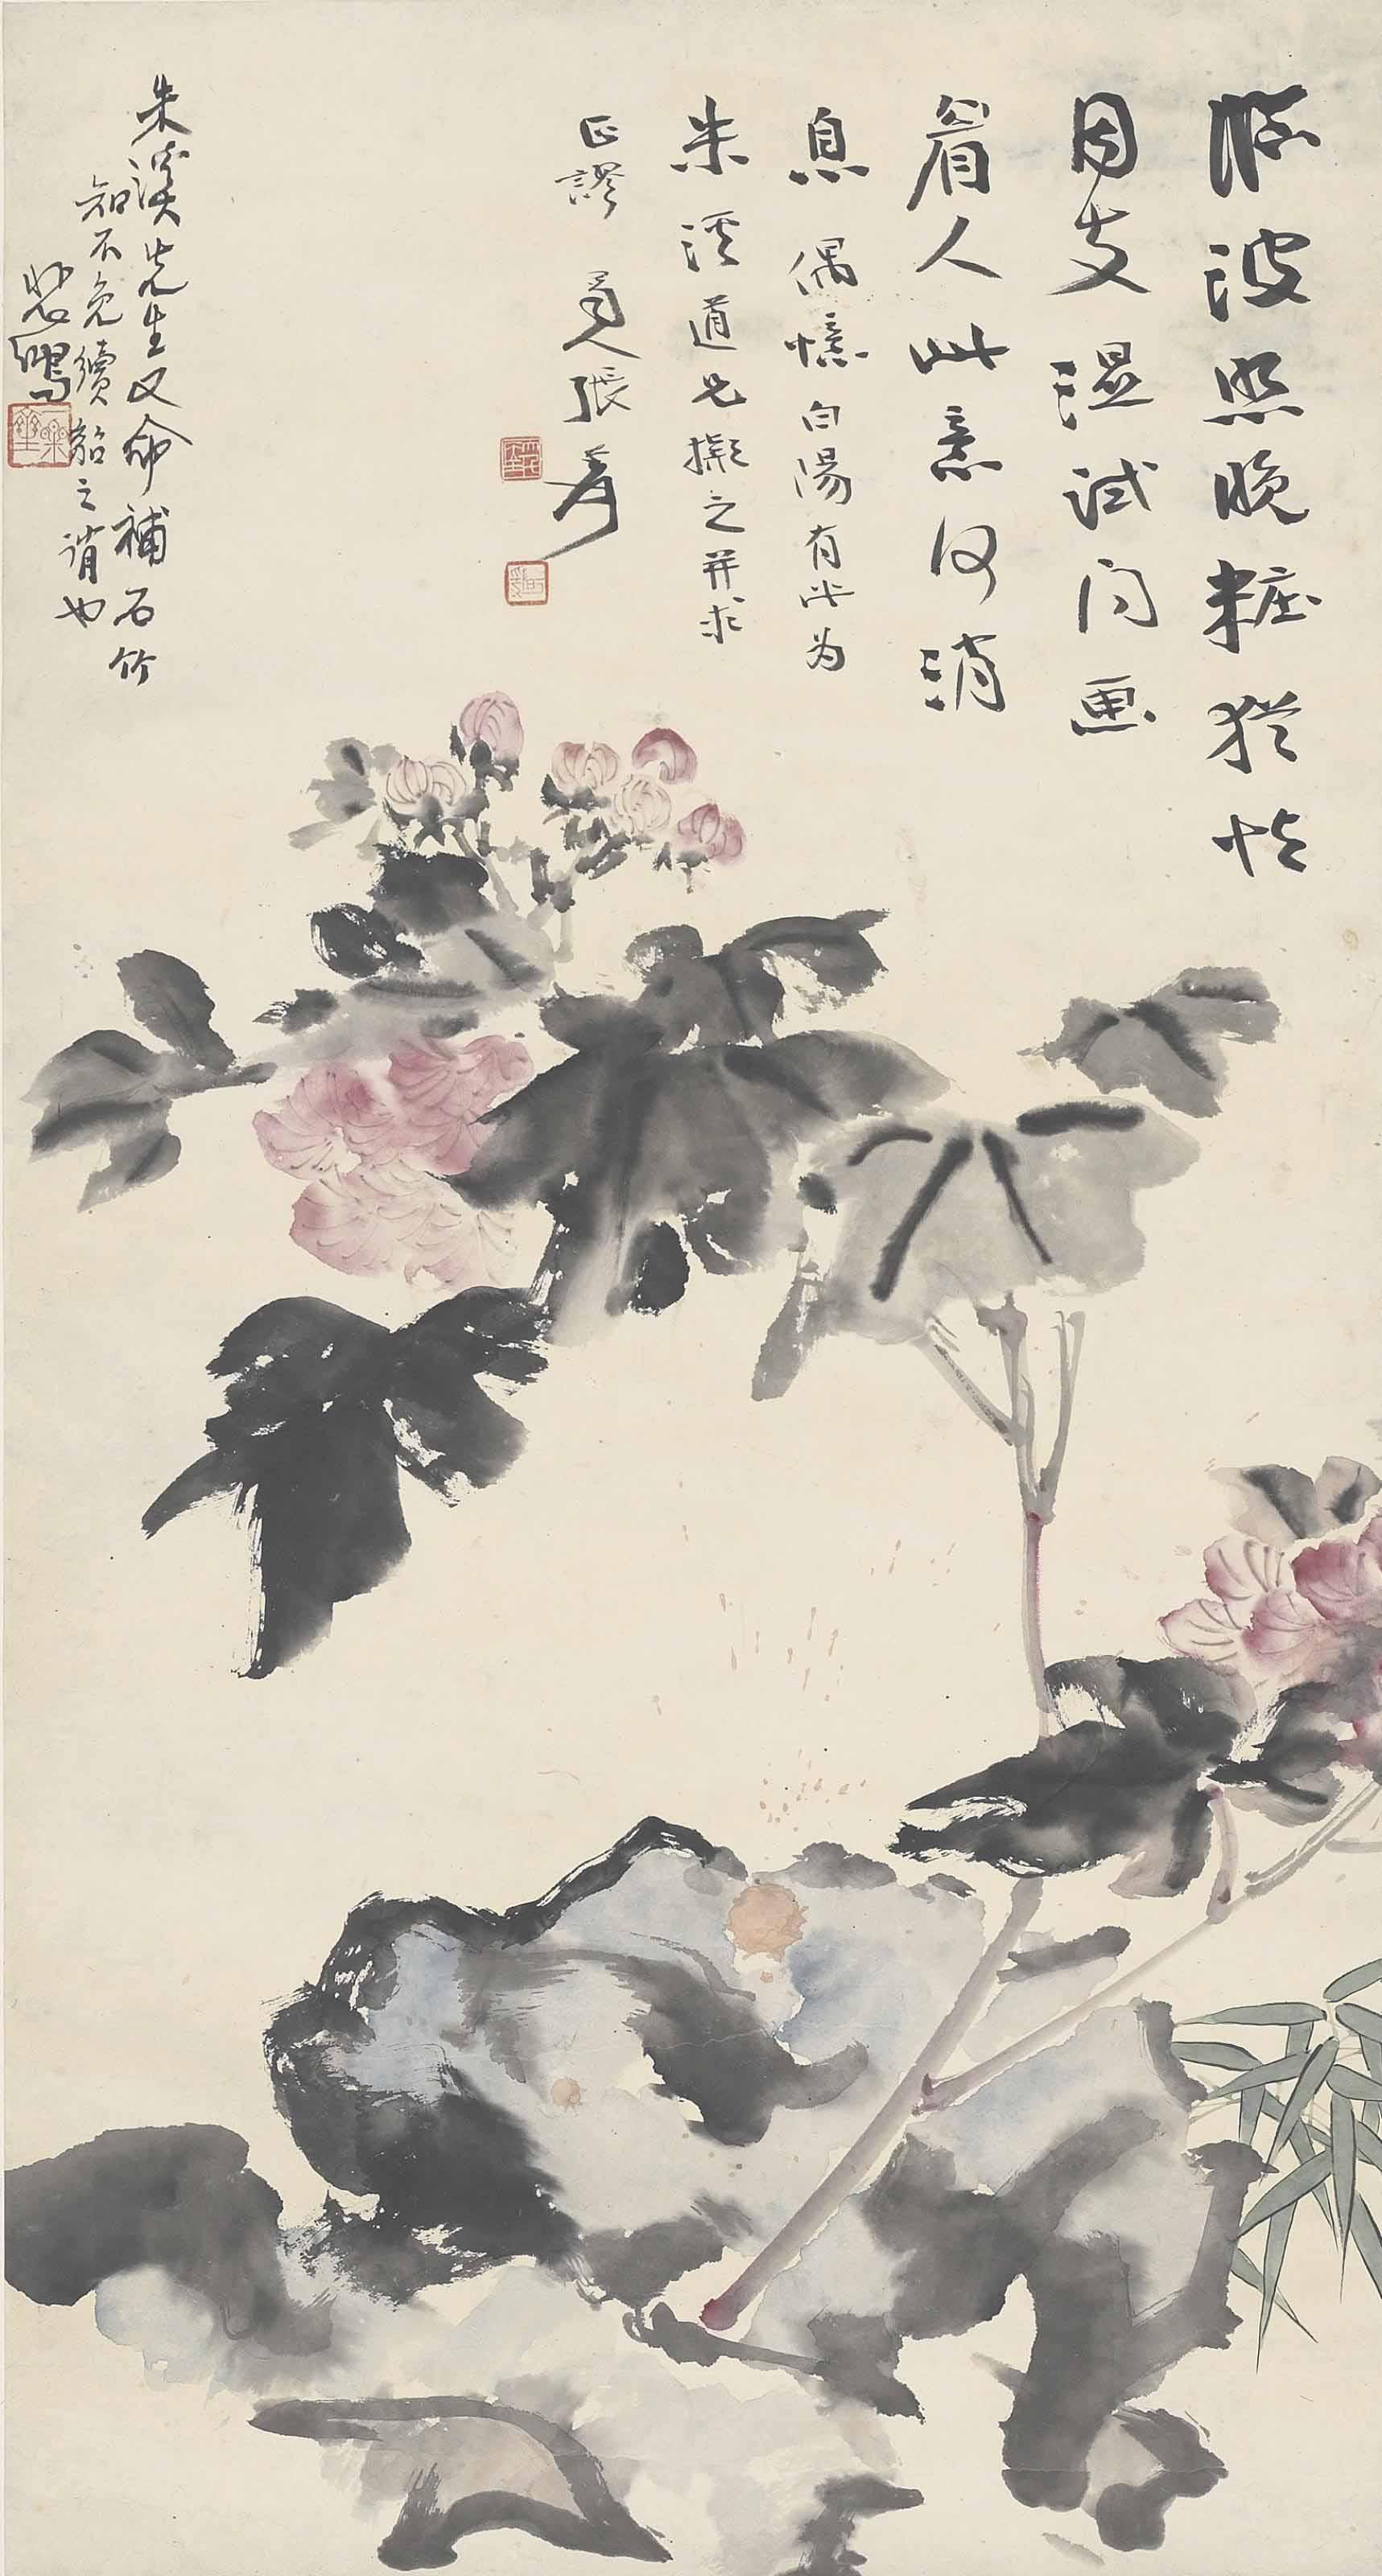 ZHANG DAQIAN (1899-1983) AND X